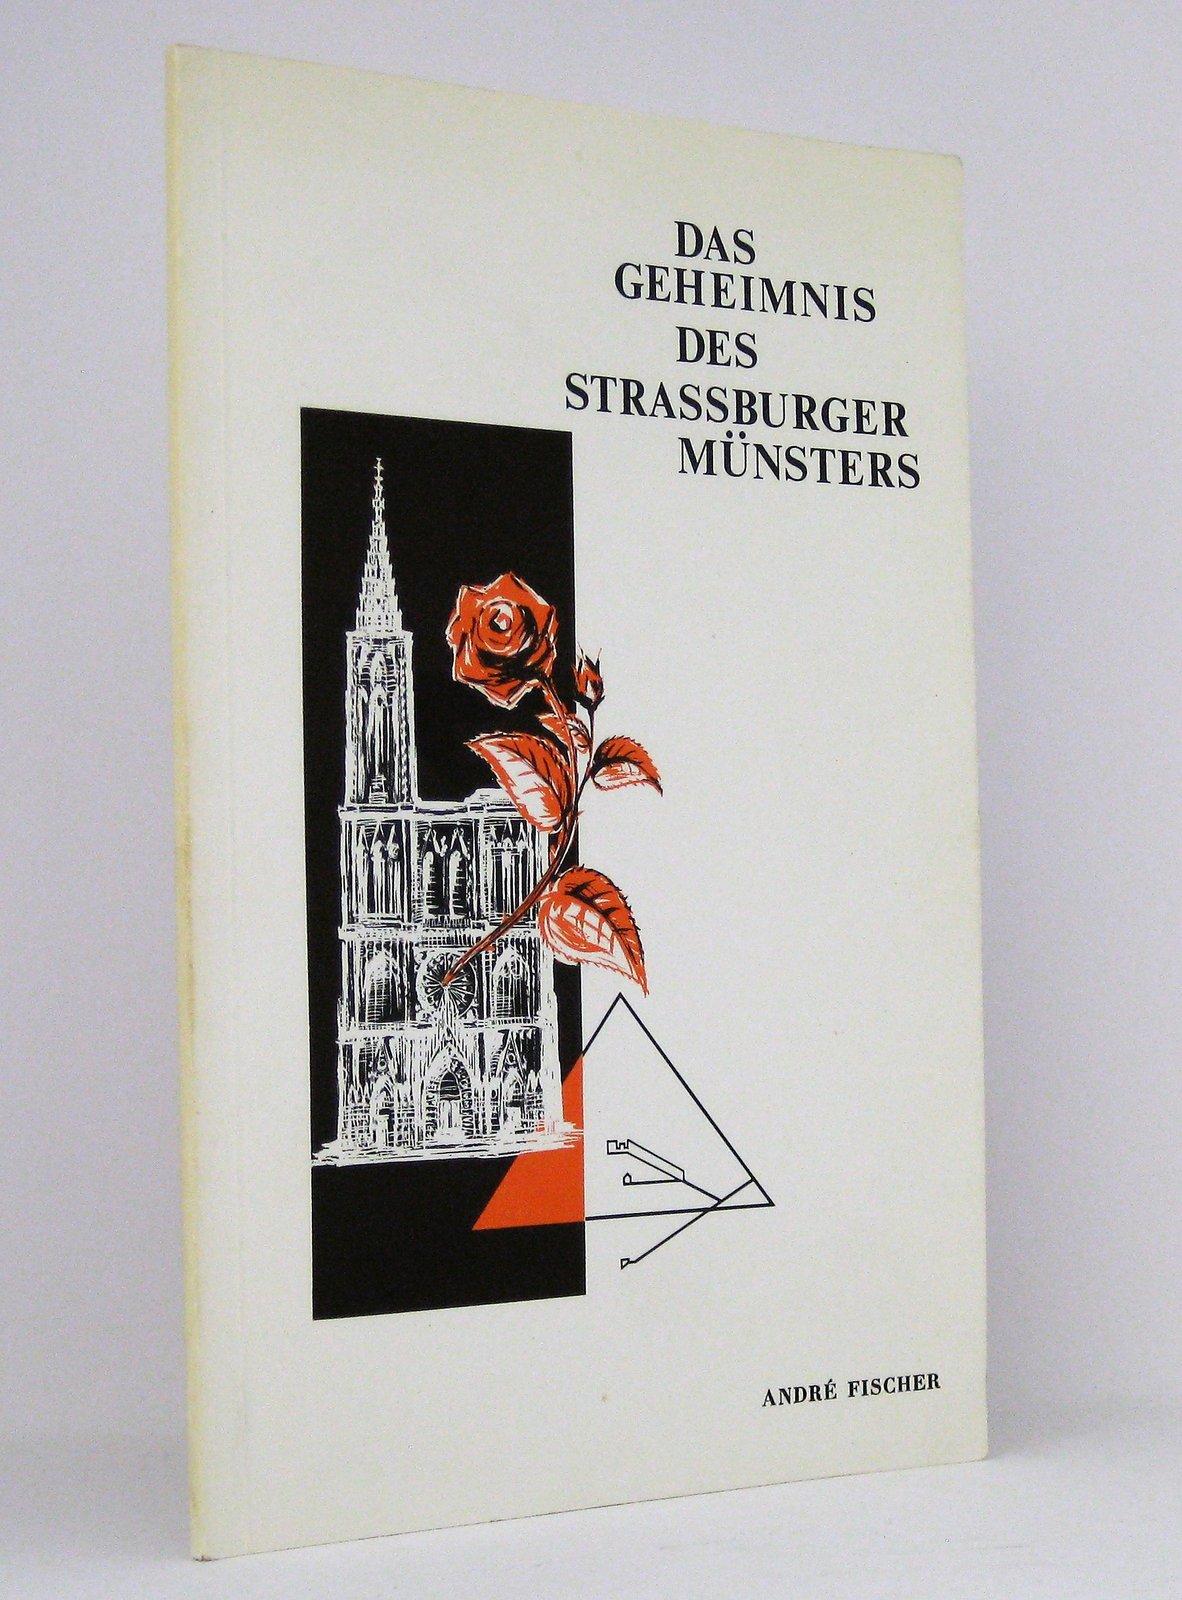 Das Geheimnis der Strassburger Münsters : Erweiterter Text des gleichnamigen Lichtbild-Vortrages des Verfassers, mit einer Auswahl von Illustrationen